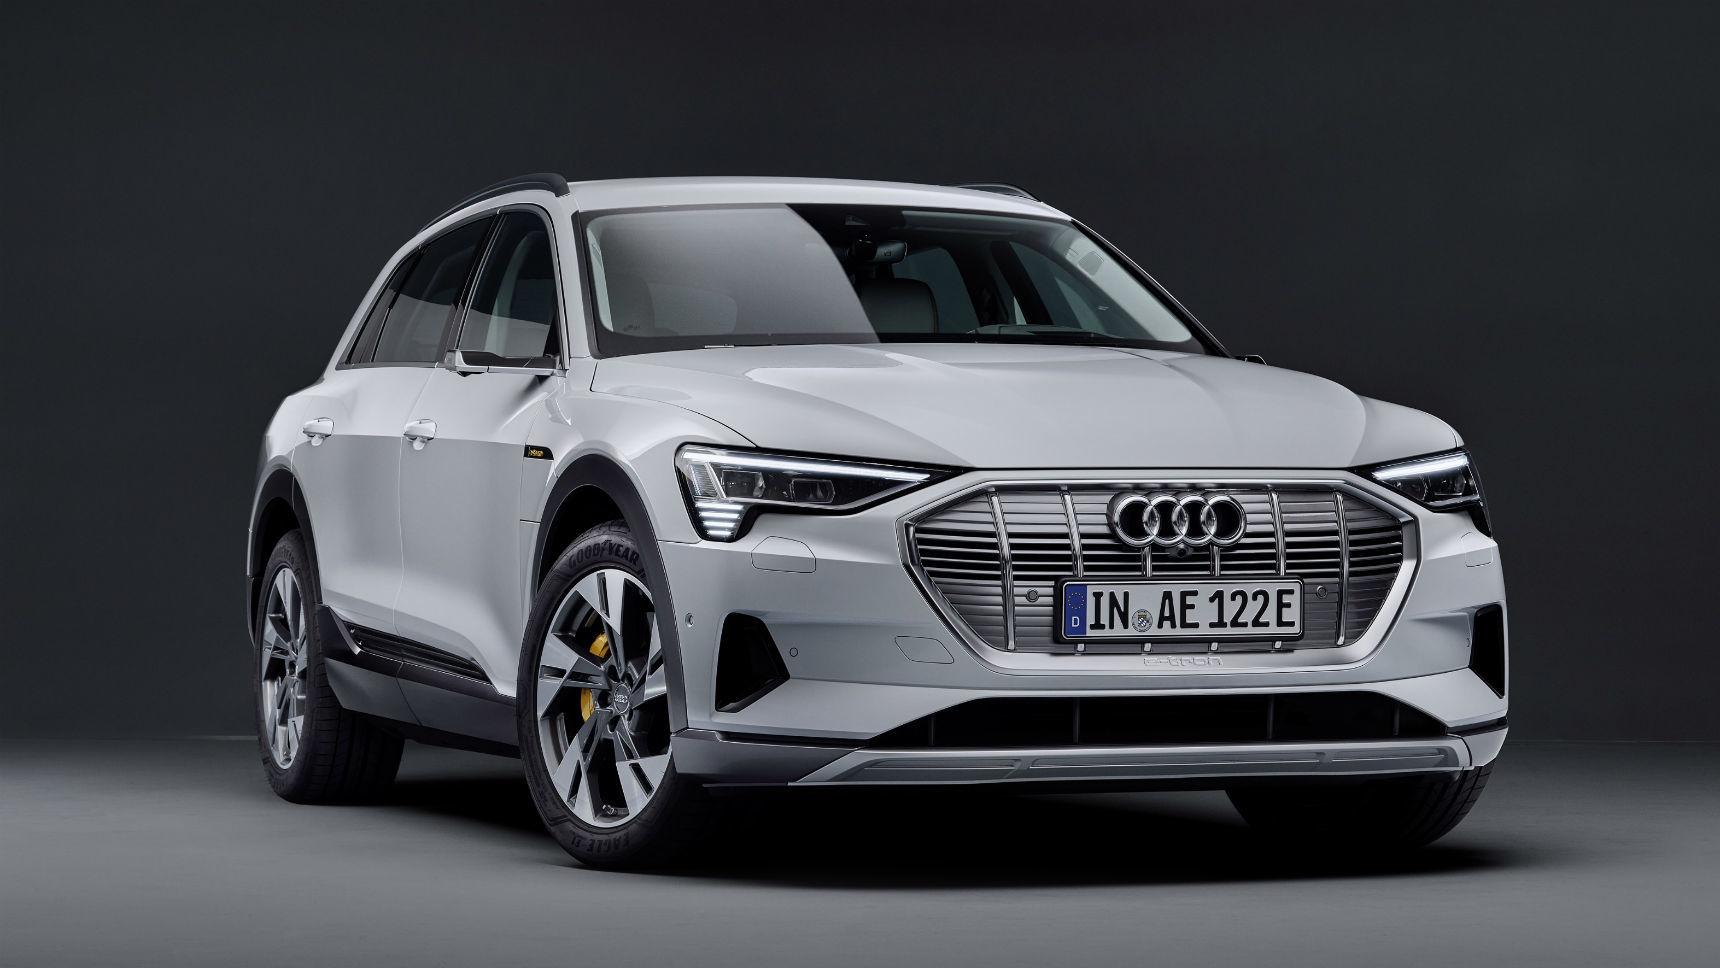 Электро-кросс Audi получил российский паспорт